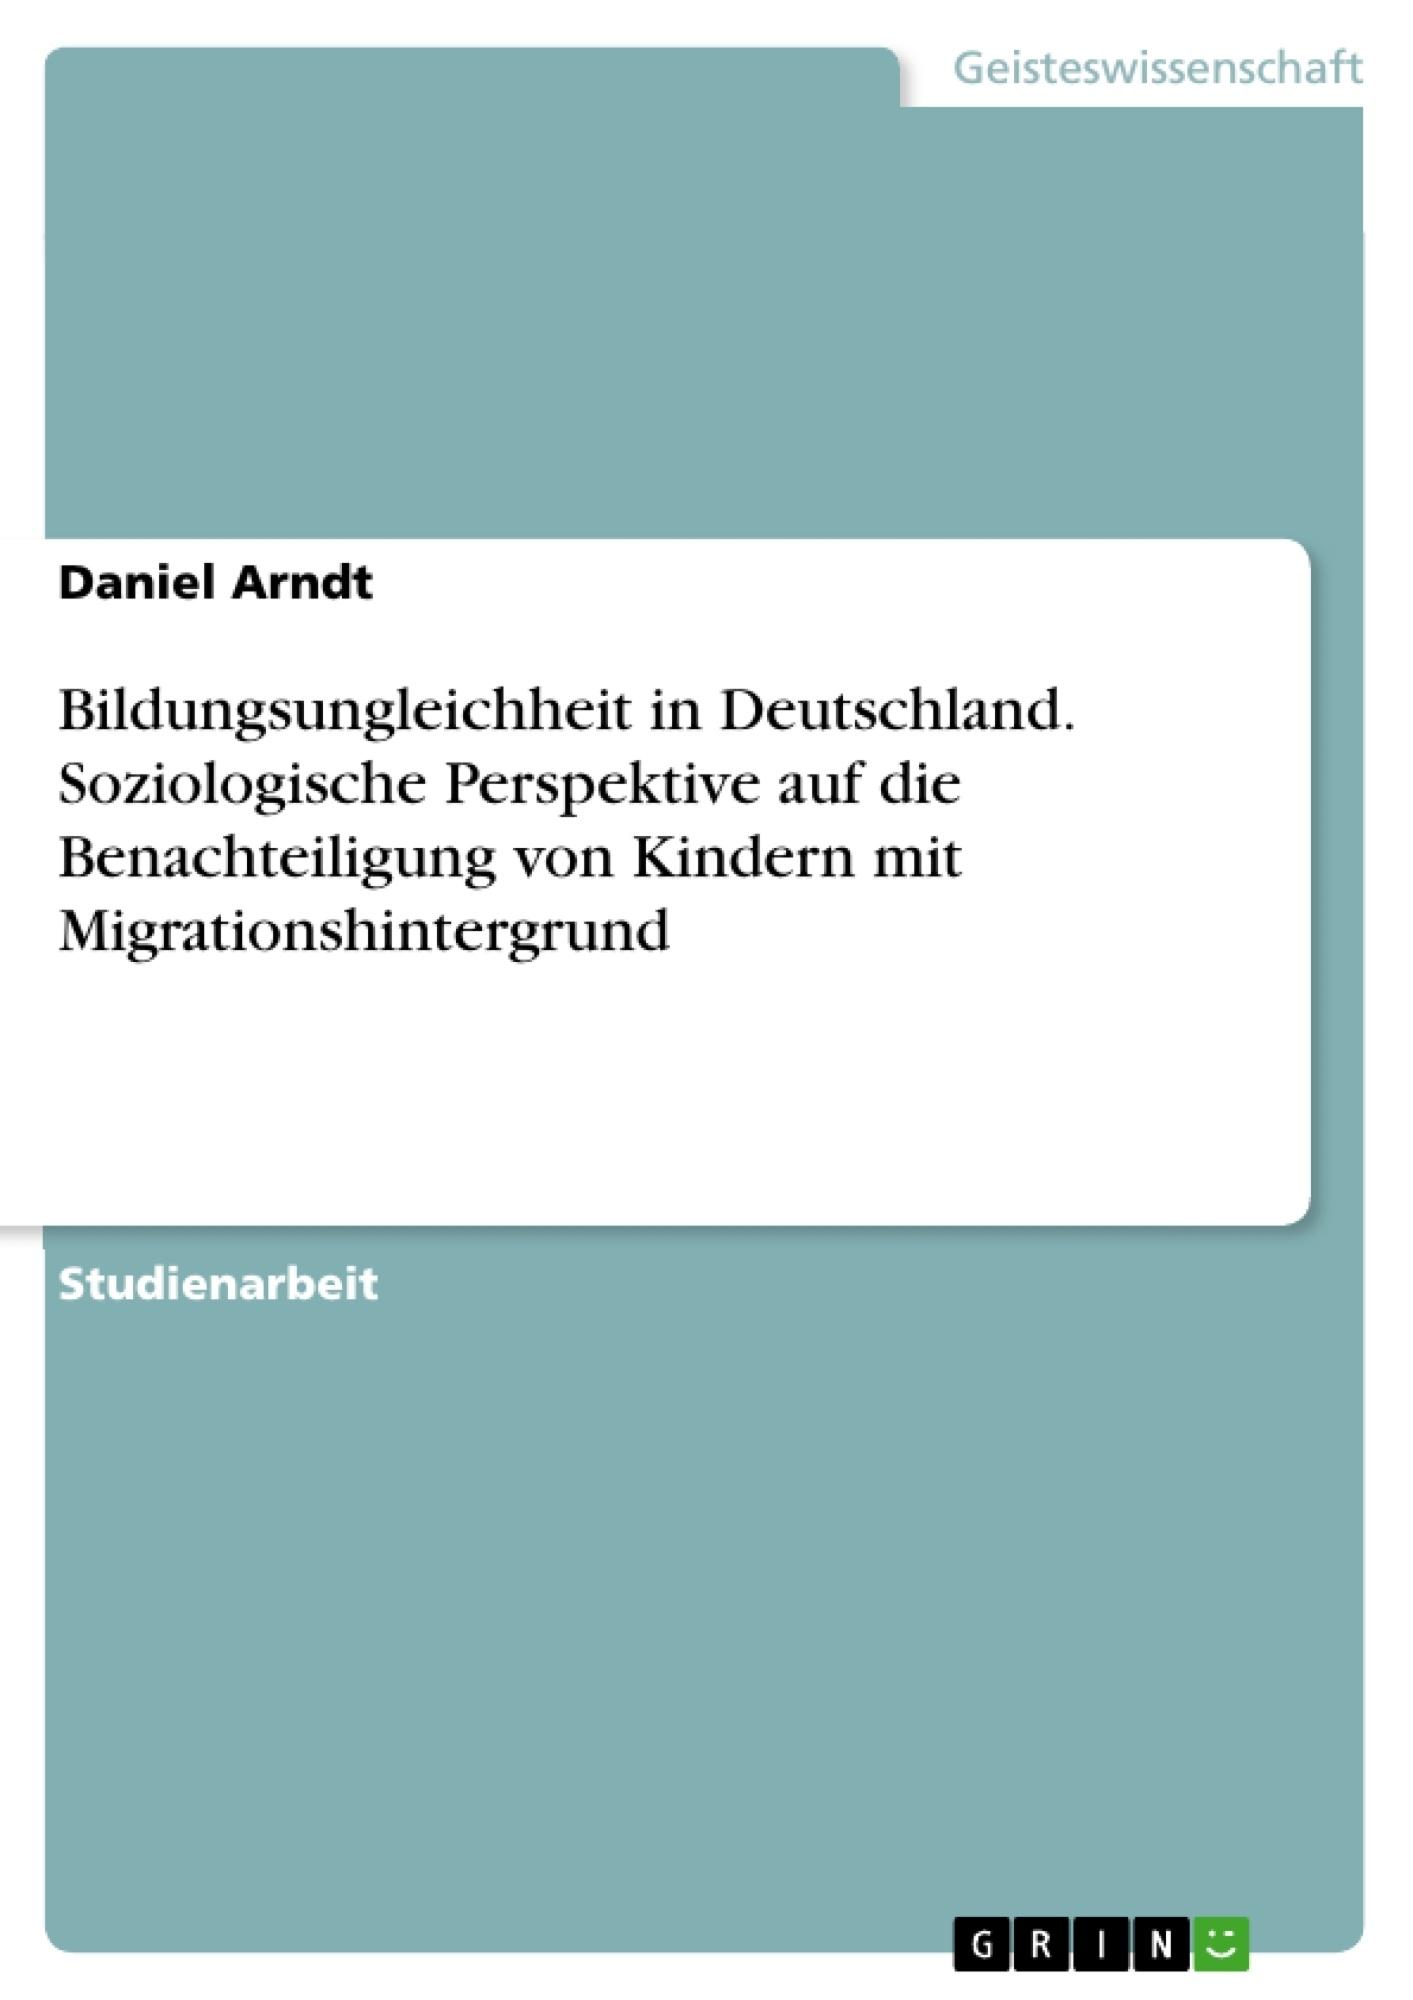 Titel: Bildungsungleichheit in Deutschland. Soziologische Perspektive auf die Benachteiligung von Kindern mit Migrationshintergrund